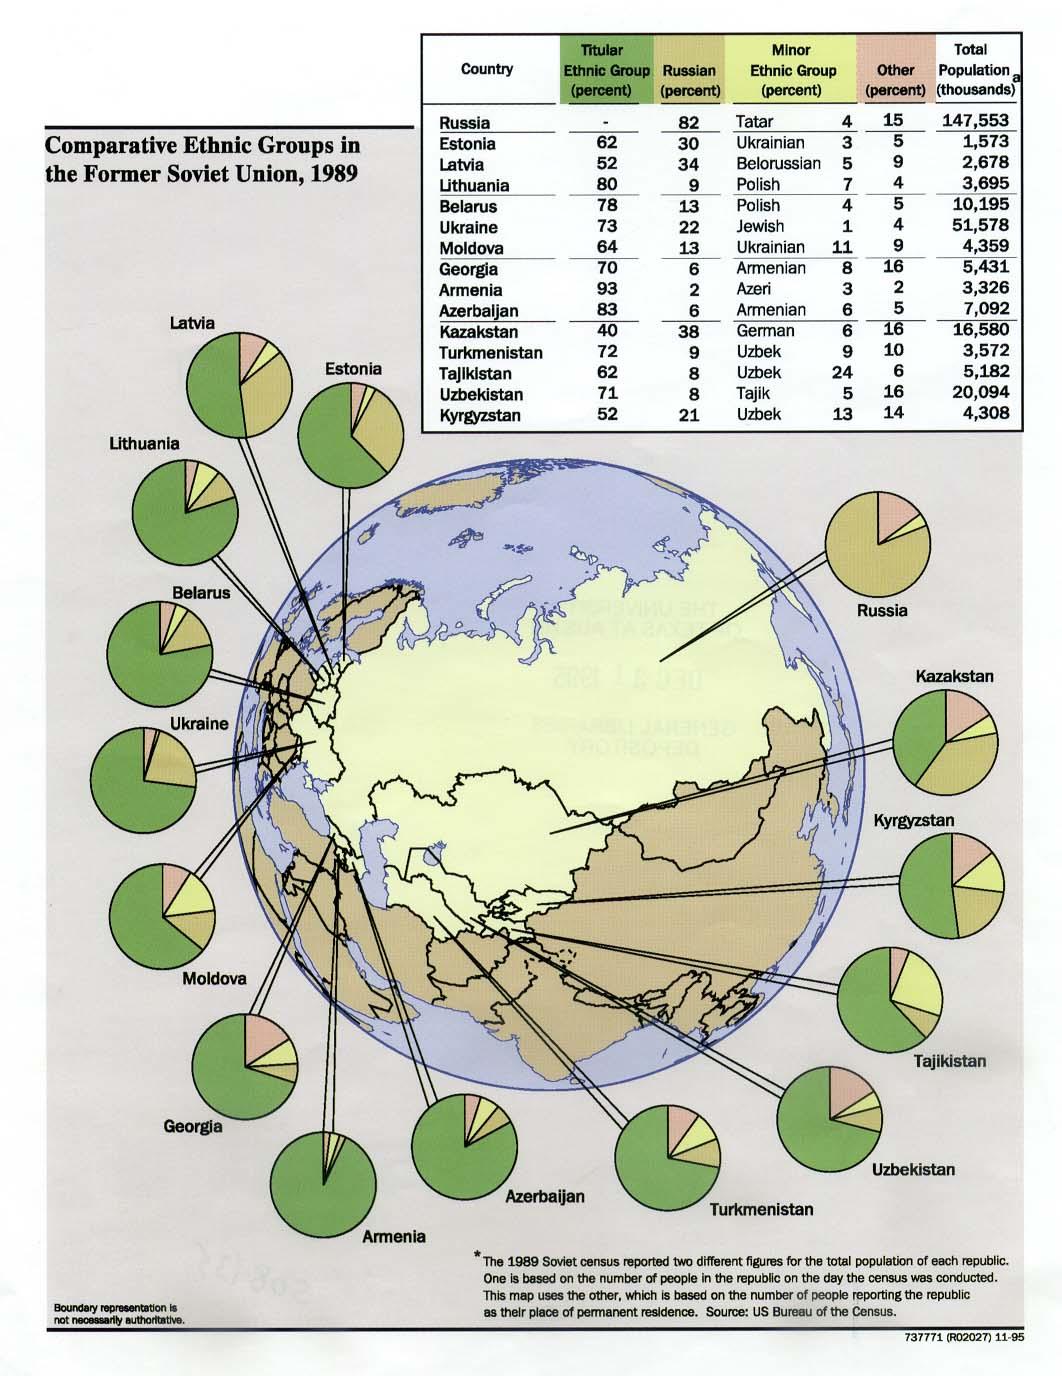 Le poids des Russes dans les républiques d'URSS en 1989 - © Université d'Austin, Texas